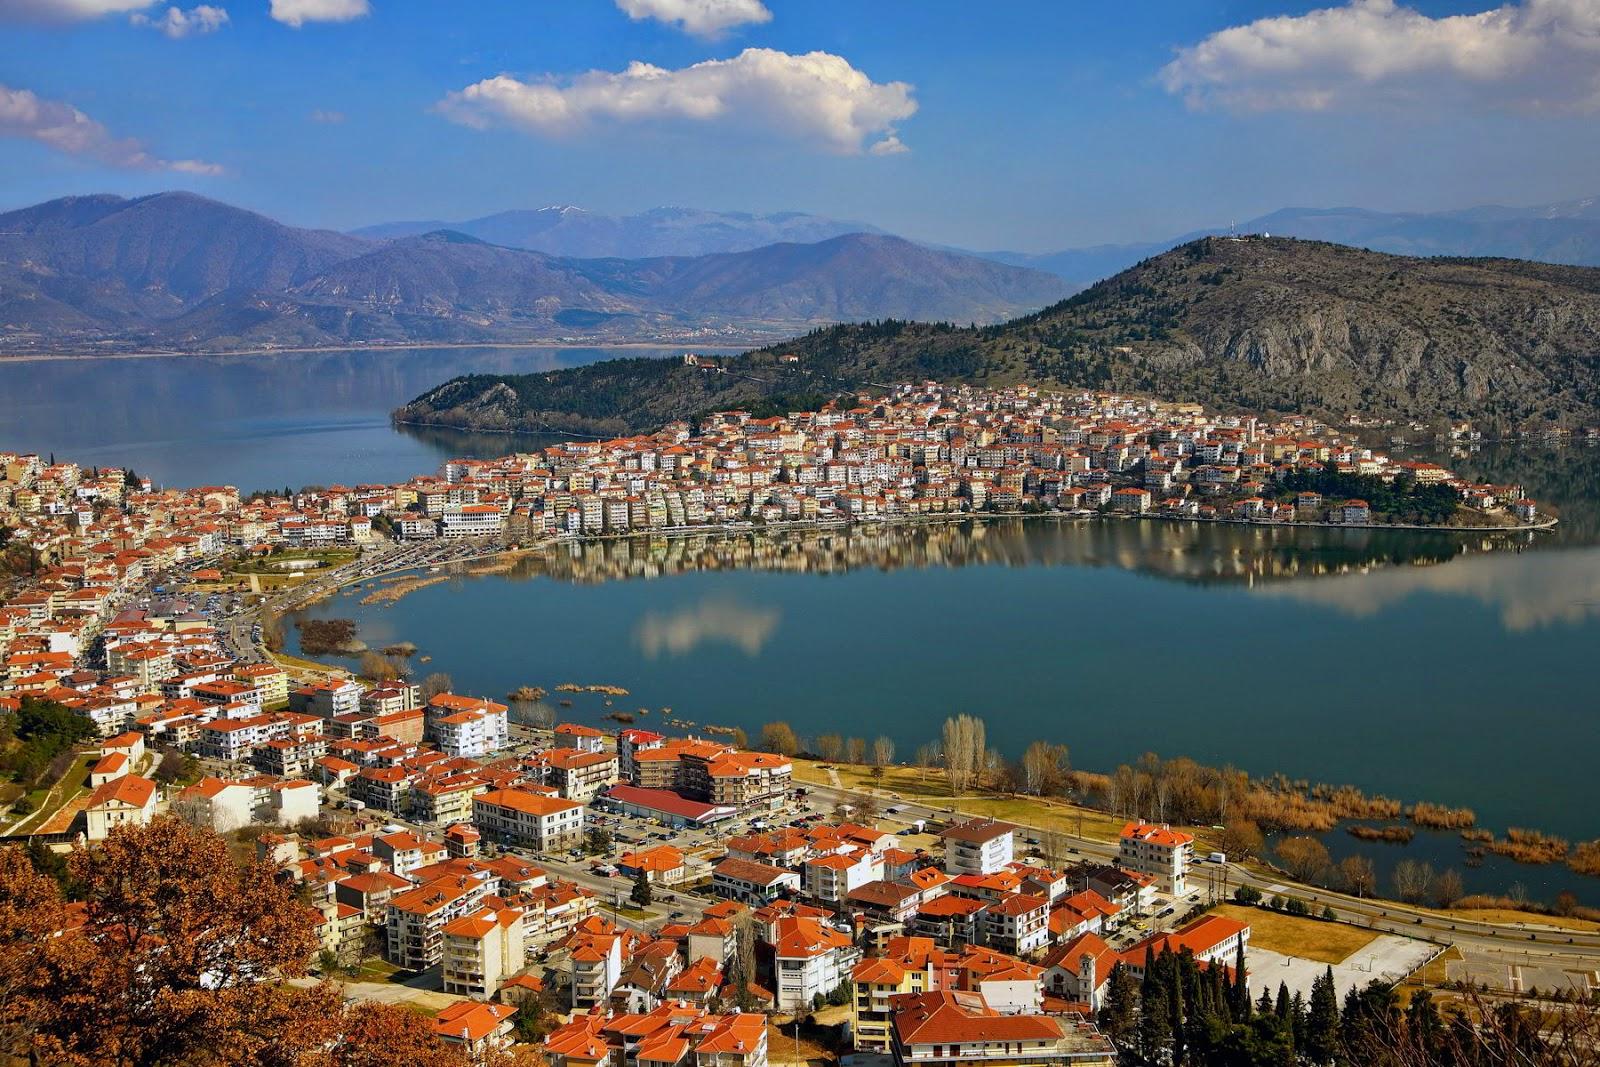 Καστοριά: Πληρότητα 80-90% στα ξενοδοχεία της πόλης την εορταστική περίοδο